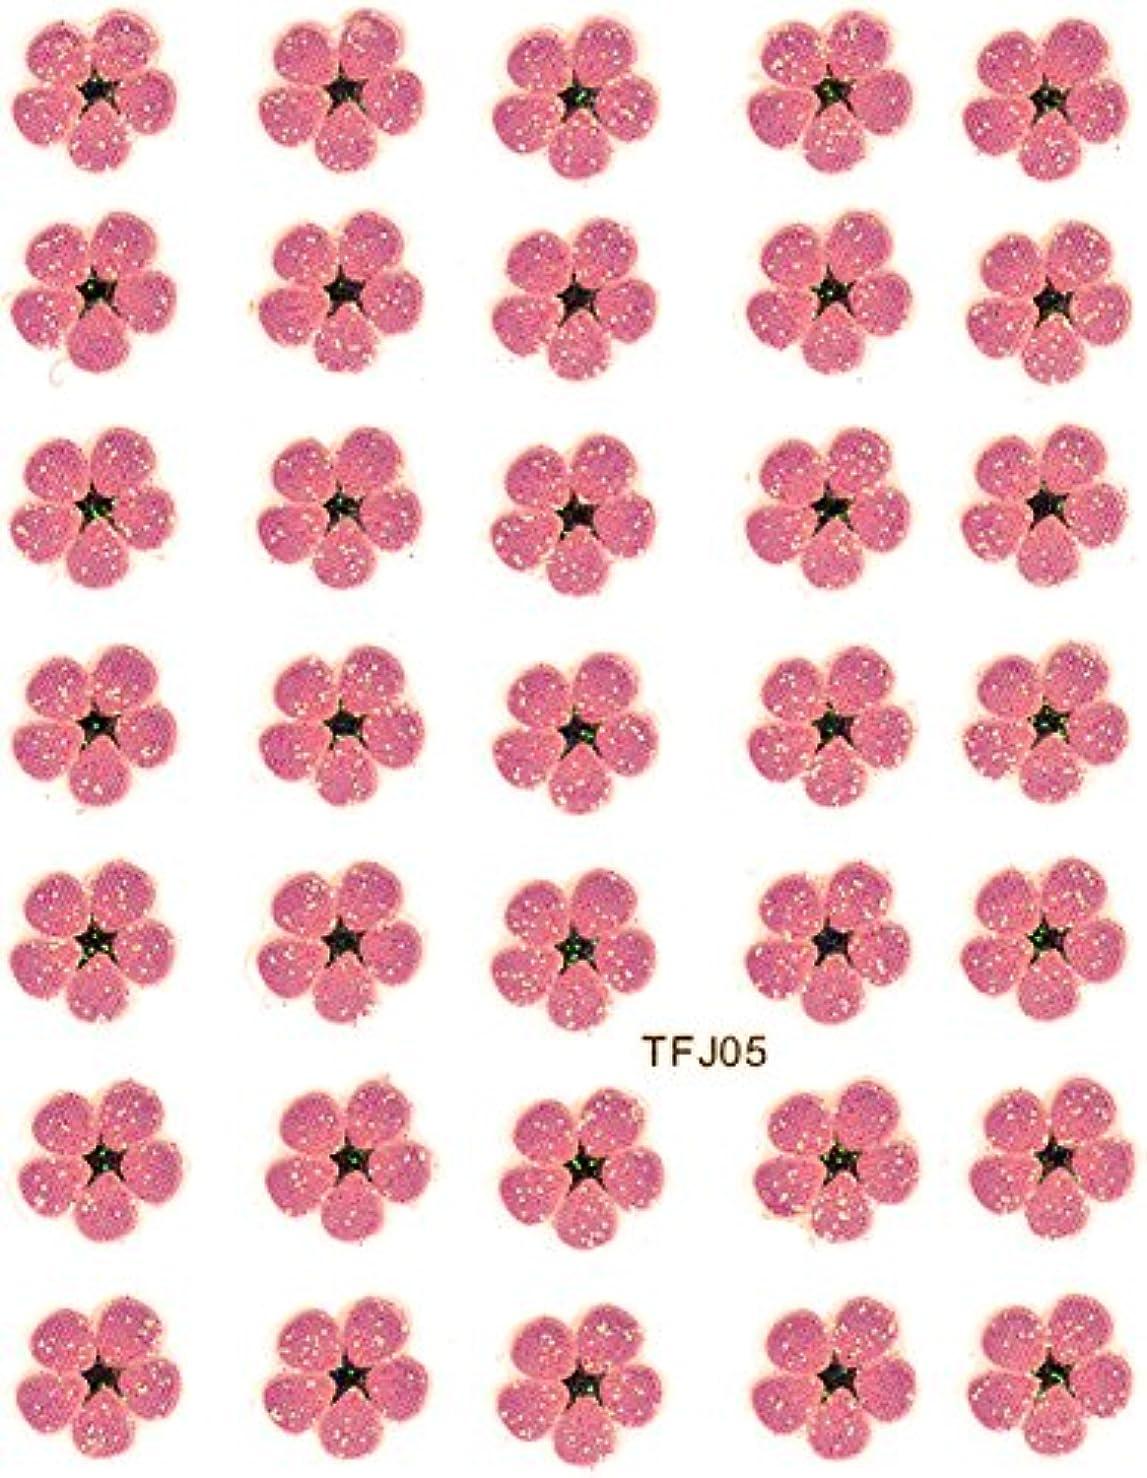 識字閉じ込める人事押し花 ネイルシール 花柄 選べる48種パッケージ入り (F05)